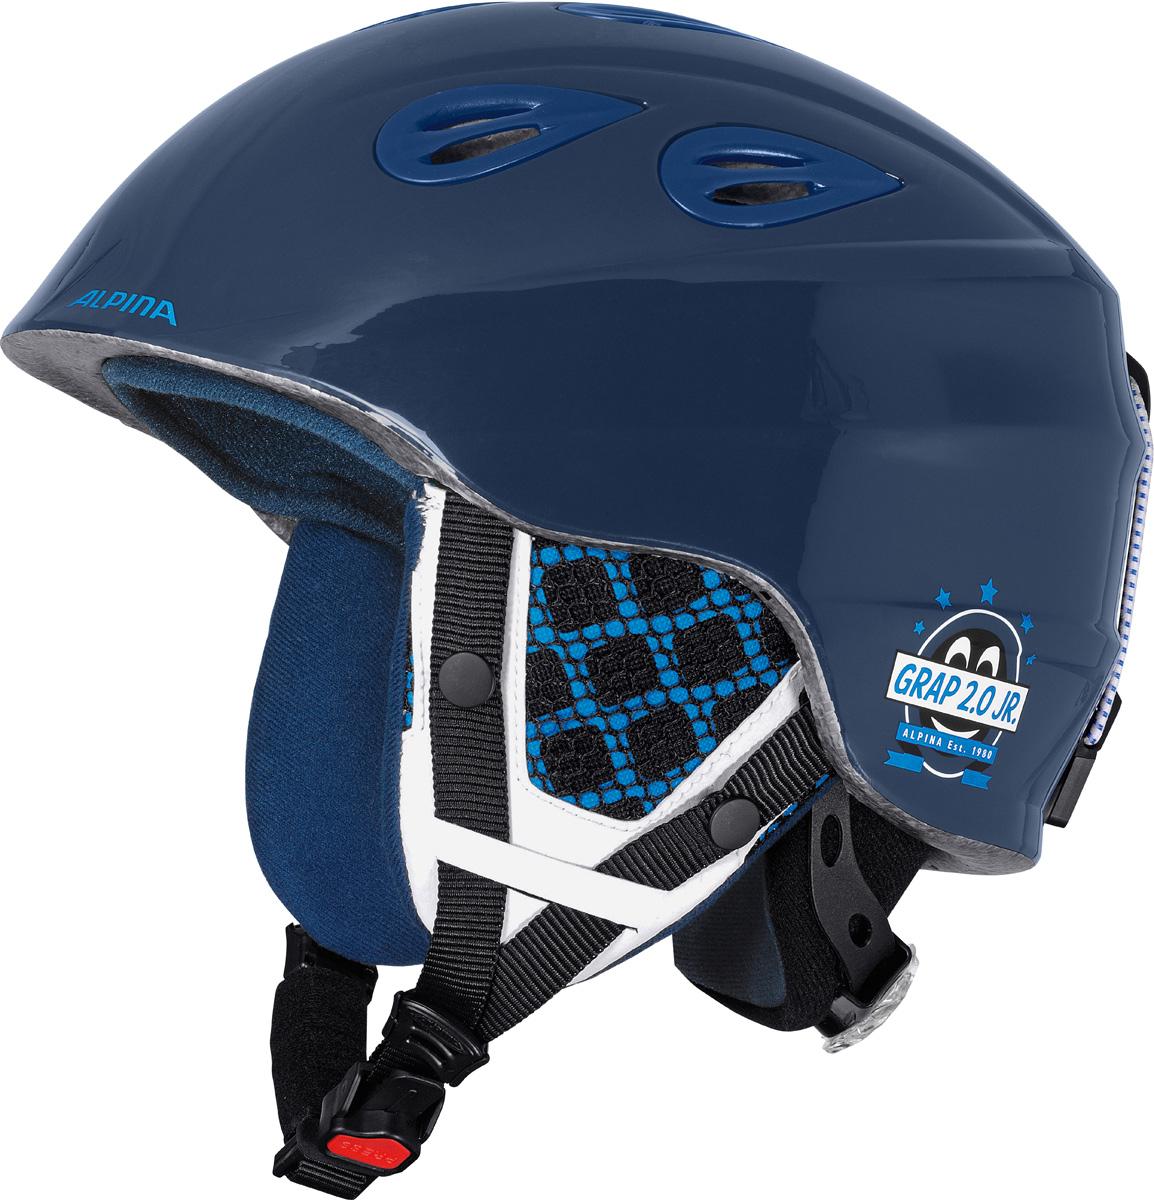 Шлем горнолыжный Alpina Grap 2.0 JR, цвет: темно-синий. A9086_81. Размер 51-54A9086_81Детская версия популярнейшего шлема Alpina Grap 2.0, сохранившая все технические преимущества взрослой модели.Технологии:Конструкция In-Mold - соединение внутреннего слоя из EPS (вспененного полистирола) с внешним покрытием под большим давлением в условиях высокой температуры. В результате внешняя поликарбонатная оболочка сохраняет форму конструкции, предотвращая поломку и попадание осколков внутрь шлема, а внутренний слой Hi-EPS, состоящий из множества наполненных воздухом гранул, амортизирует ударную волну, защищая голову райдера от повреждений.Внешнее покрытие Ceramic Shell обеспечивает повышенную ударопрочность и износостойкость, а также обладает защитой от УФ-излучений, препятствующей выгоранию на солнце, и антистатичными свойствами.Съемный внутренний тканевый слой. Подкладку можно постирать и легко вставить обратно. Своевременный уход за внутренником предотвращает появление неприятного запаха.Вентиляционная система с раздвижным механизмом с возможностью регулировки интенсивности потока воздуха.Классическая система регулировки в шлемах Alpina Run System с регулировочным кольцом на затылке позволяет быстро и легко подобрать оптимальную и комфортную плотность посадки на голове.Съемные ушки согревают в холодную погоду, а в теплую компактно хранятся в кармане куртки.Шейный воротник из микрофлиса в задней части шлема быстро согревает и не давит на шею.Ремешок фиксируется кнопкой с запирающим механизмом. Застежка максимально удобна для использования в перчатках.Система Edge Protect в конструкции шлема защищает голову горнолыжника при боковом ударе.Система Y-Clip гарантирует оптимальную посадку с миллиметровой точностью. Y-зажим соединяет два ремешка вместе и удобно фиксирует их под ухом.Съемные элементы позволяют использовать шлем всесезонно.